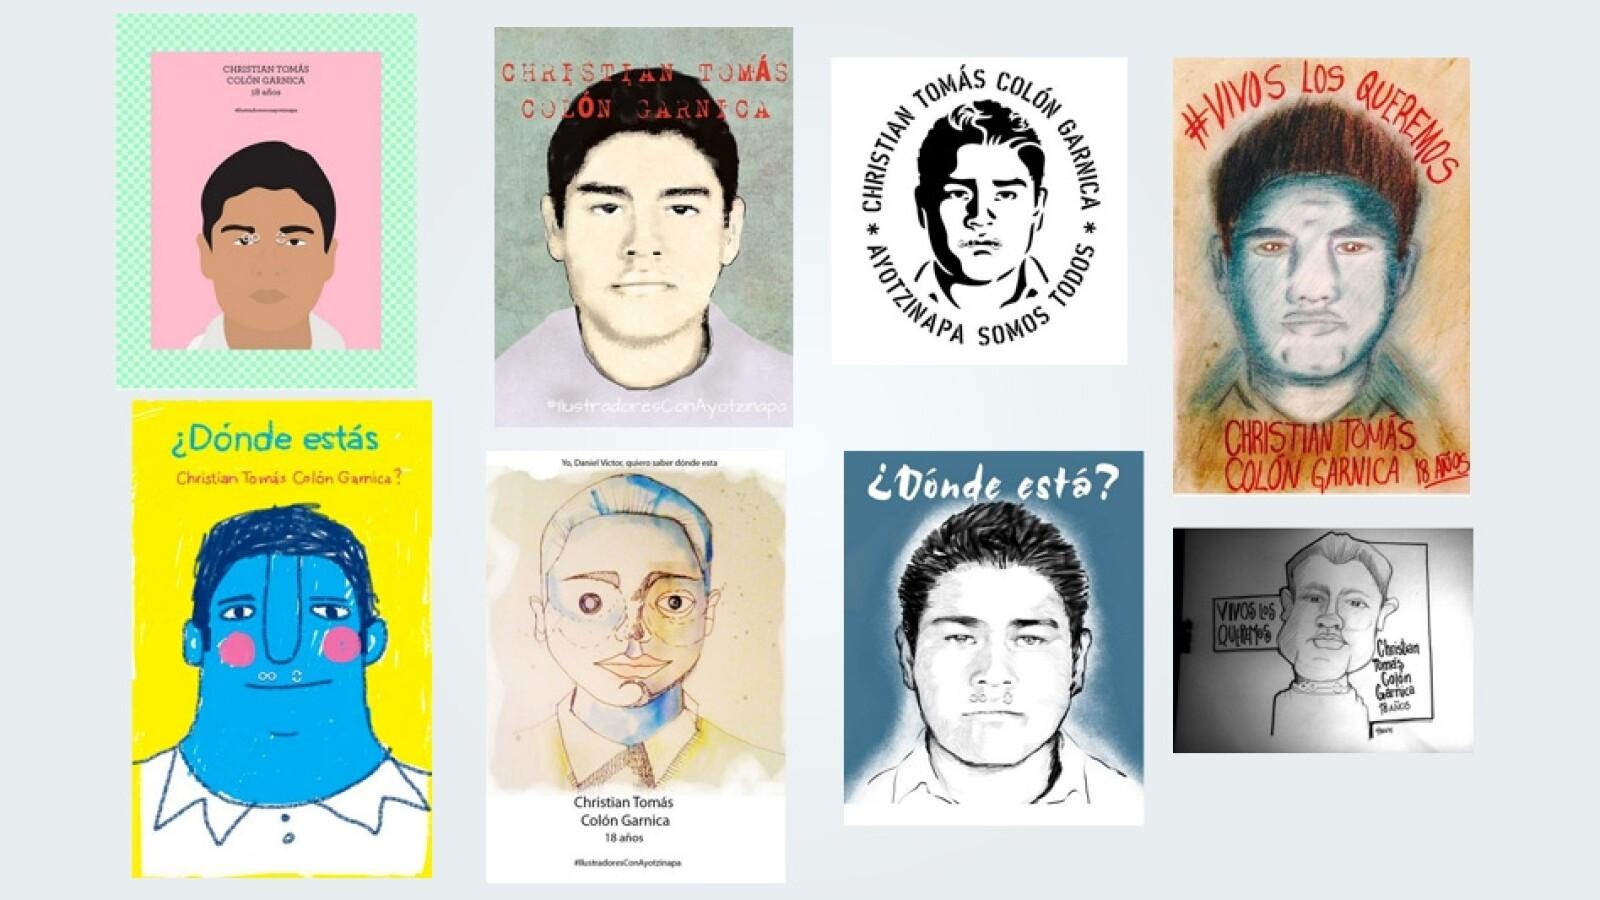 Christian Tomas Colon Ayotzinapa